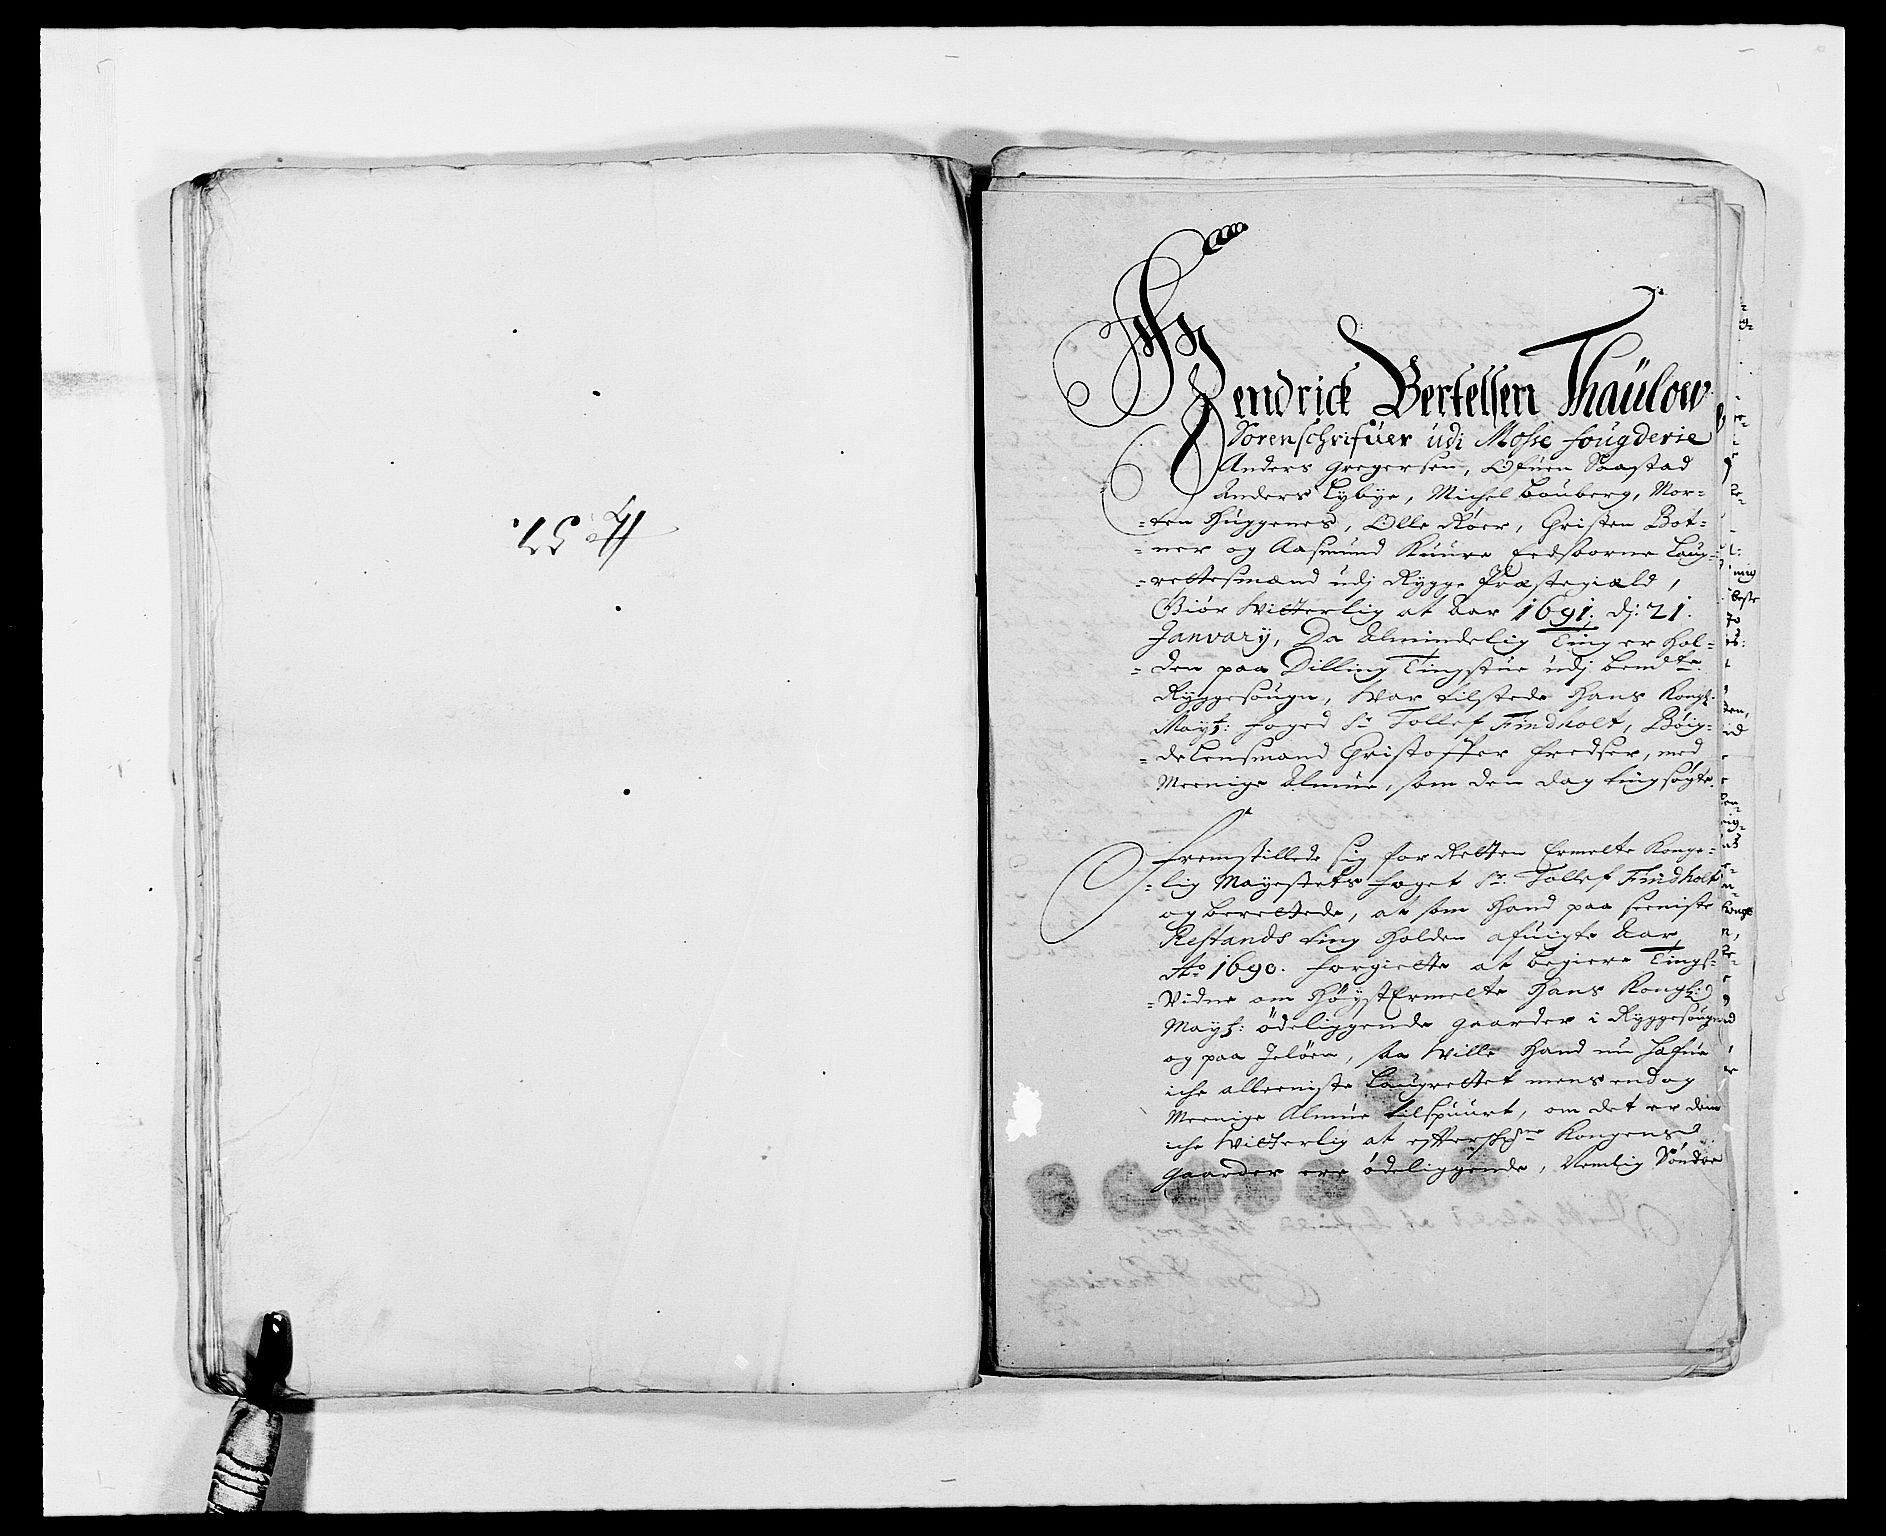 RA, Rentekammeret inntil 1814, Reviderte regnskaper, Fogderegnskap, R02/L0107: Fogderegnskap Moss og Verne kloster, 1685-1691, s. 302